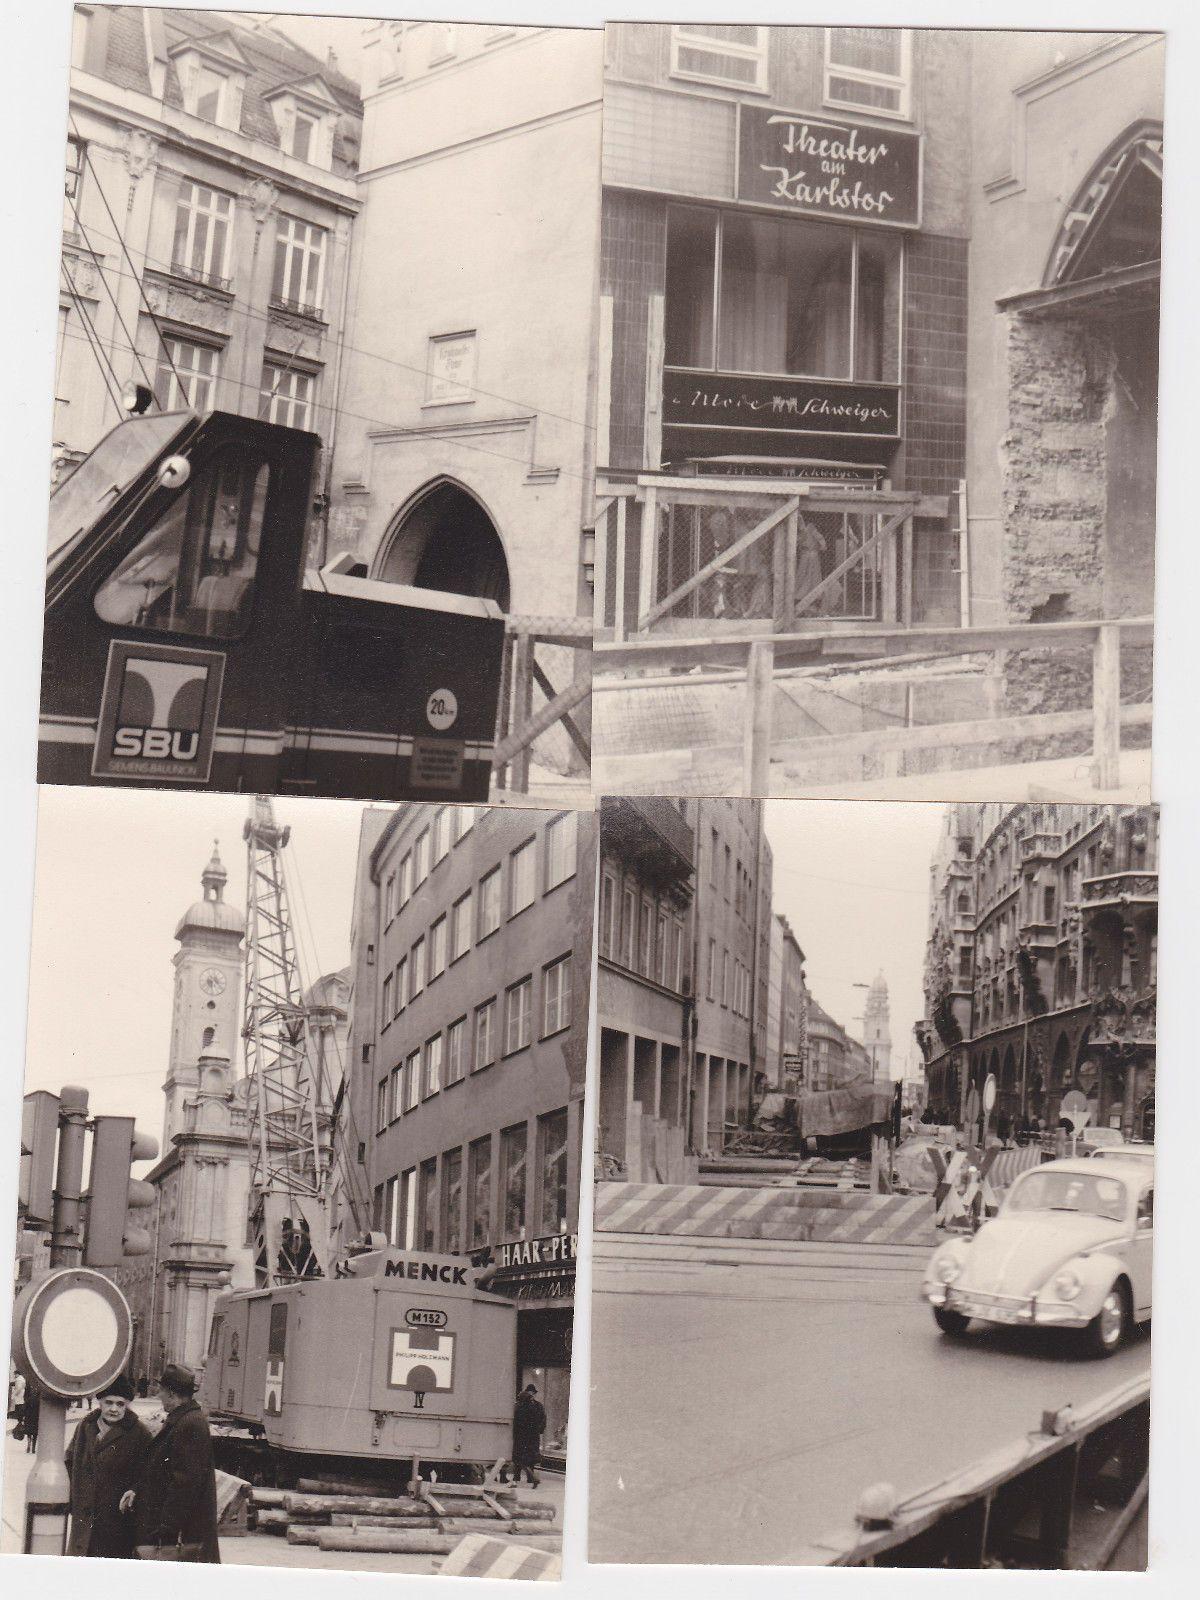 1969 Stadtumbau München in Vorbereitung auf die Olympiade 1972